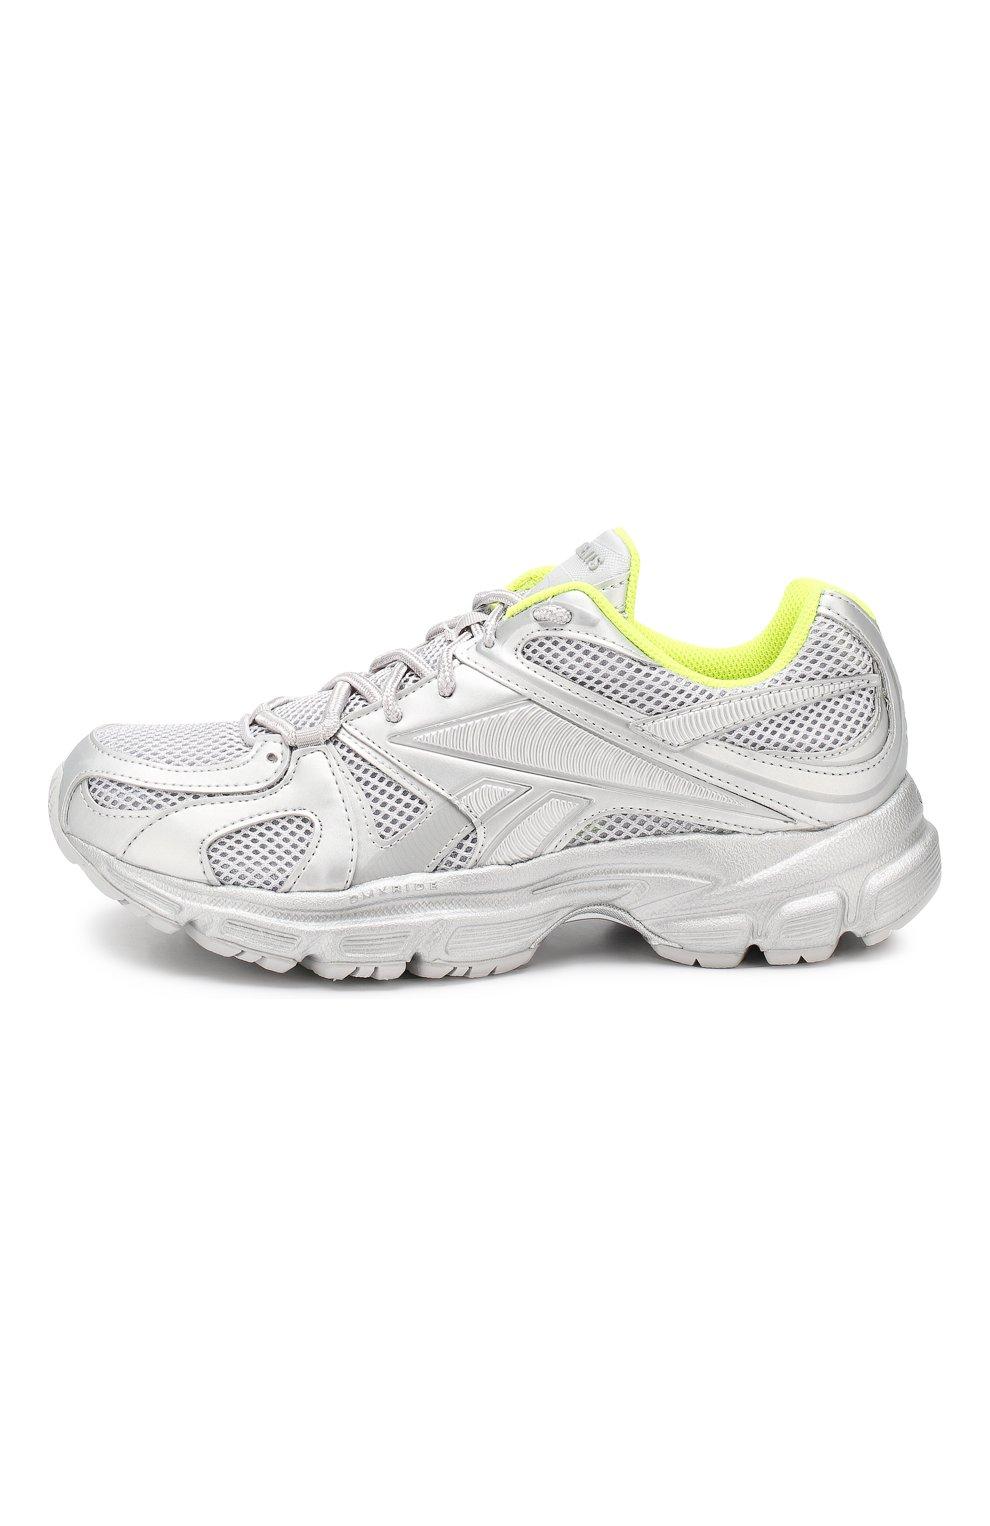 Текстильные кроссовки Vetements x Reebok Spike Runner 200 Vetements серебряные | Фото №3